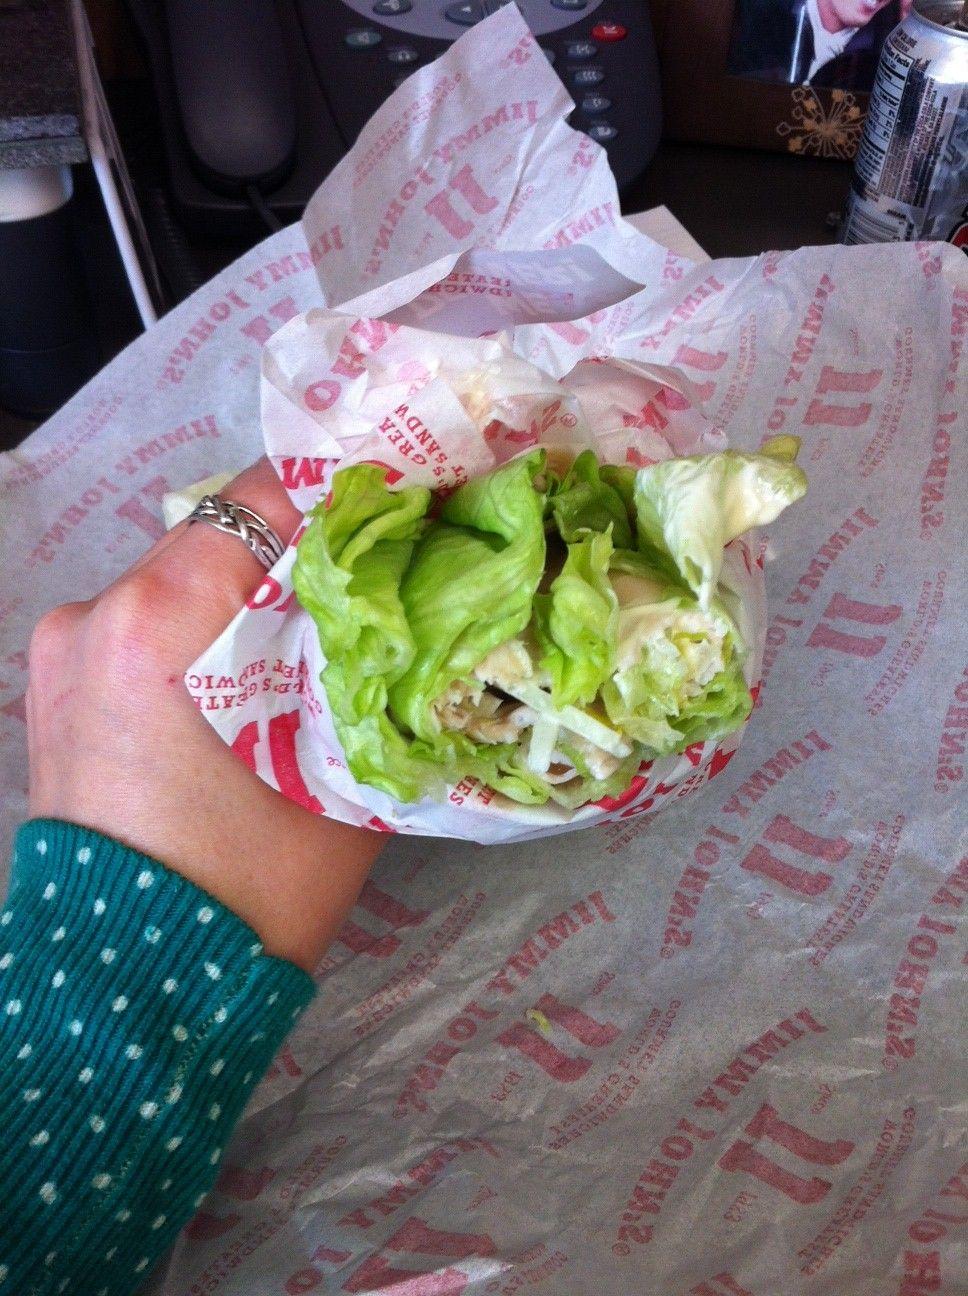 The Unwich By Jj Jimmy John S Jimmy Johns Eat Diet